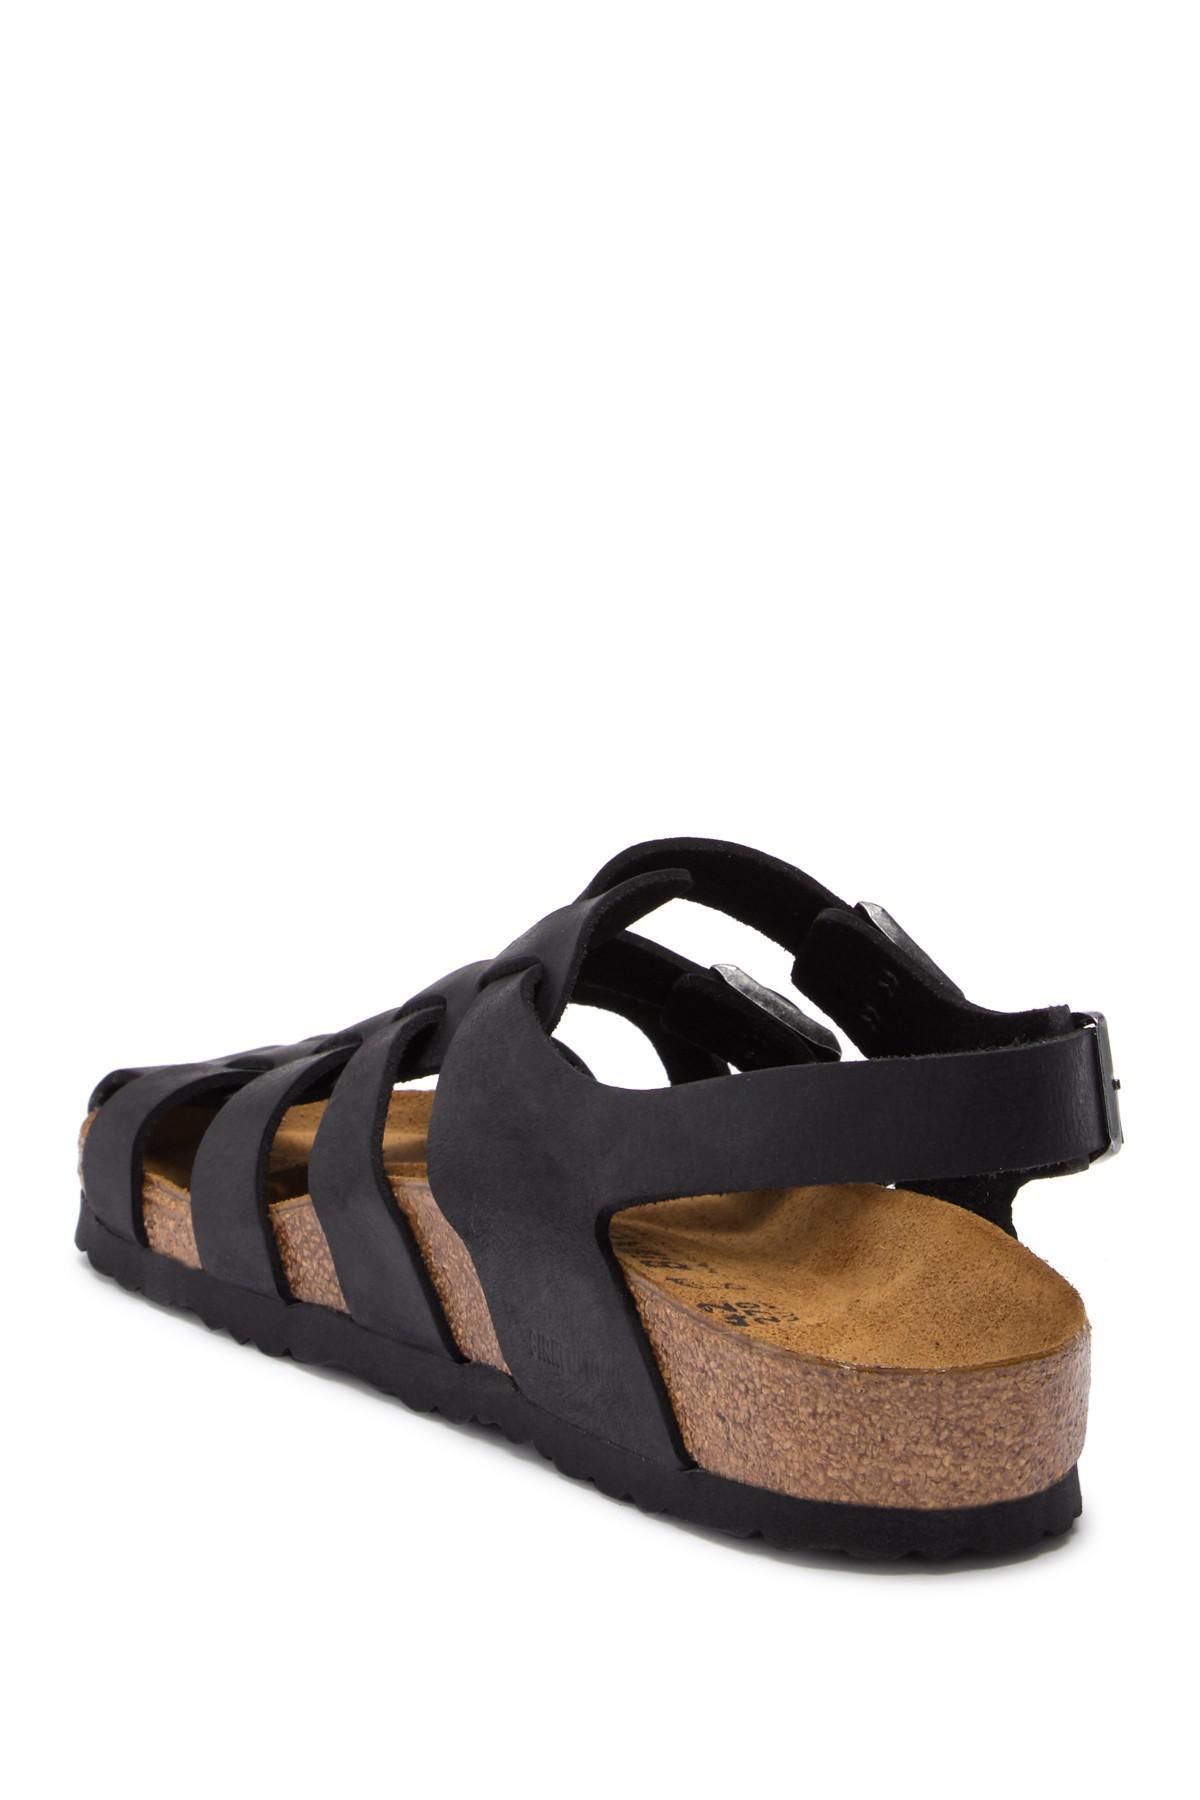 Birkenstock Zadar Leather Caged Sandal